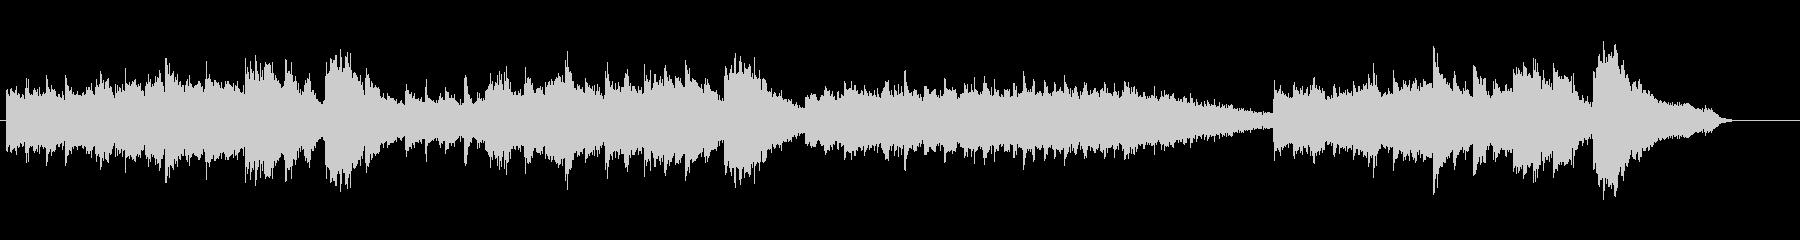 環境音楽(リラクセーション系)の未再生の波形